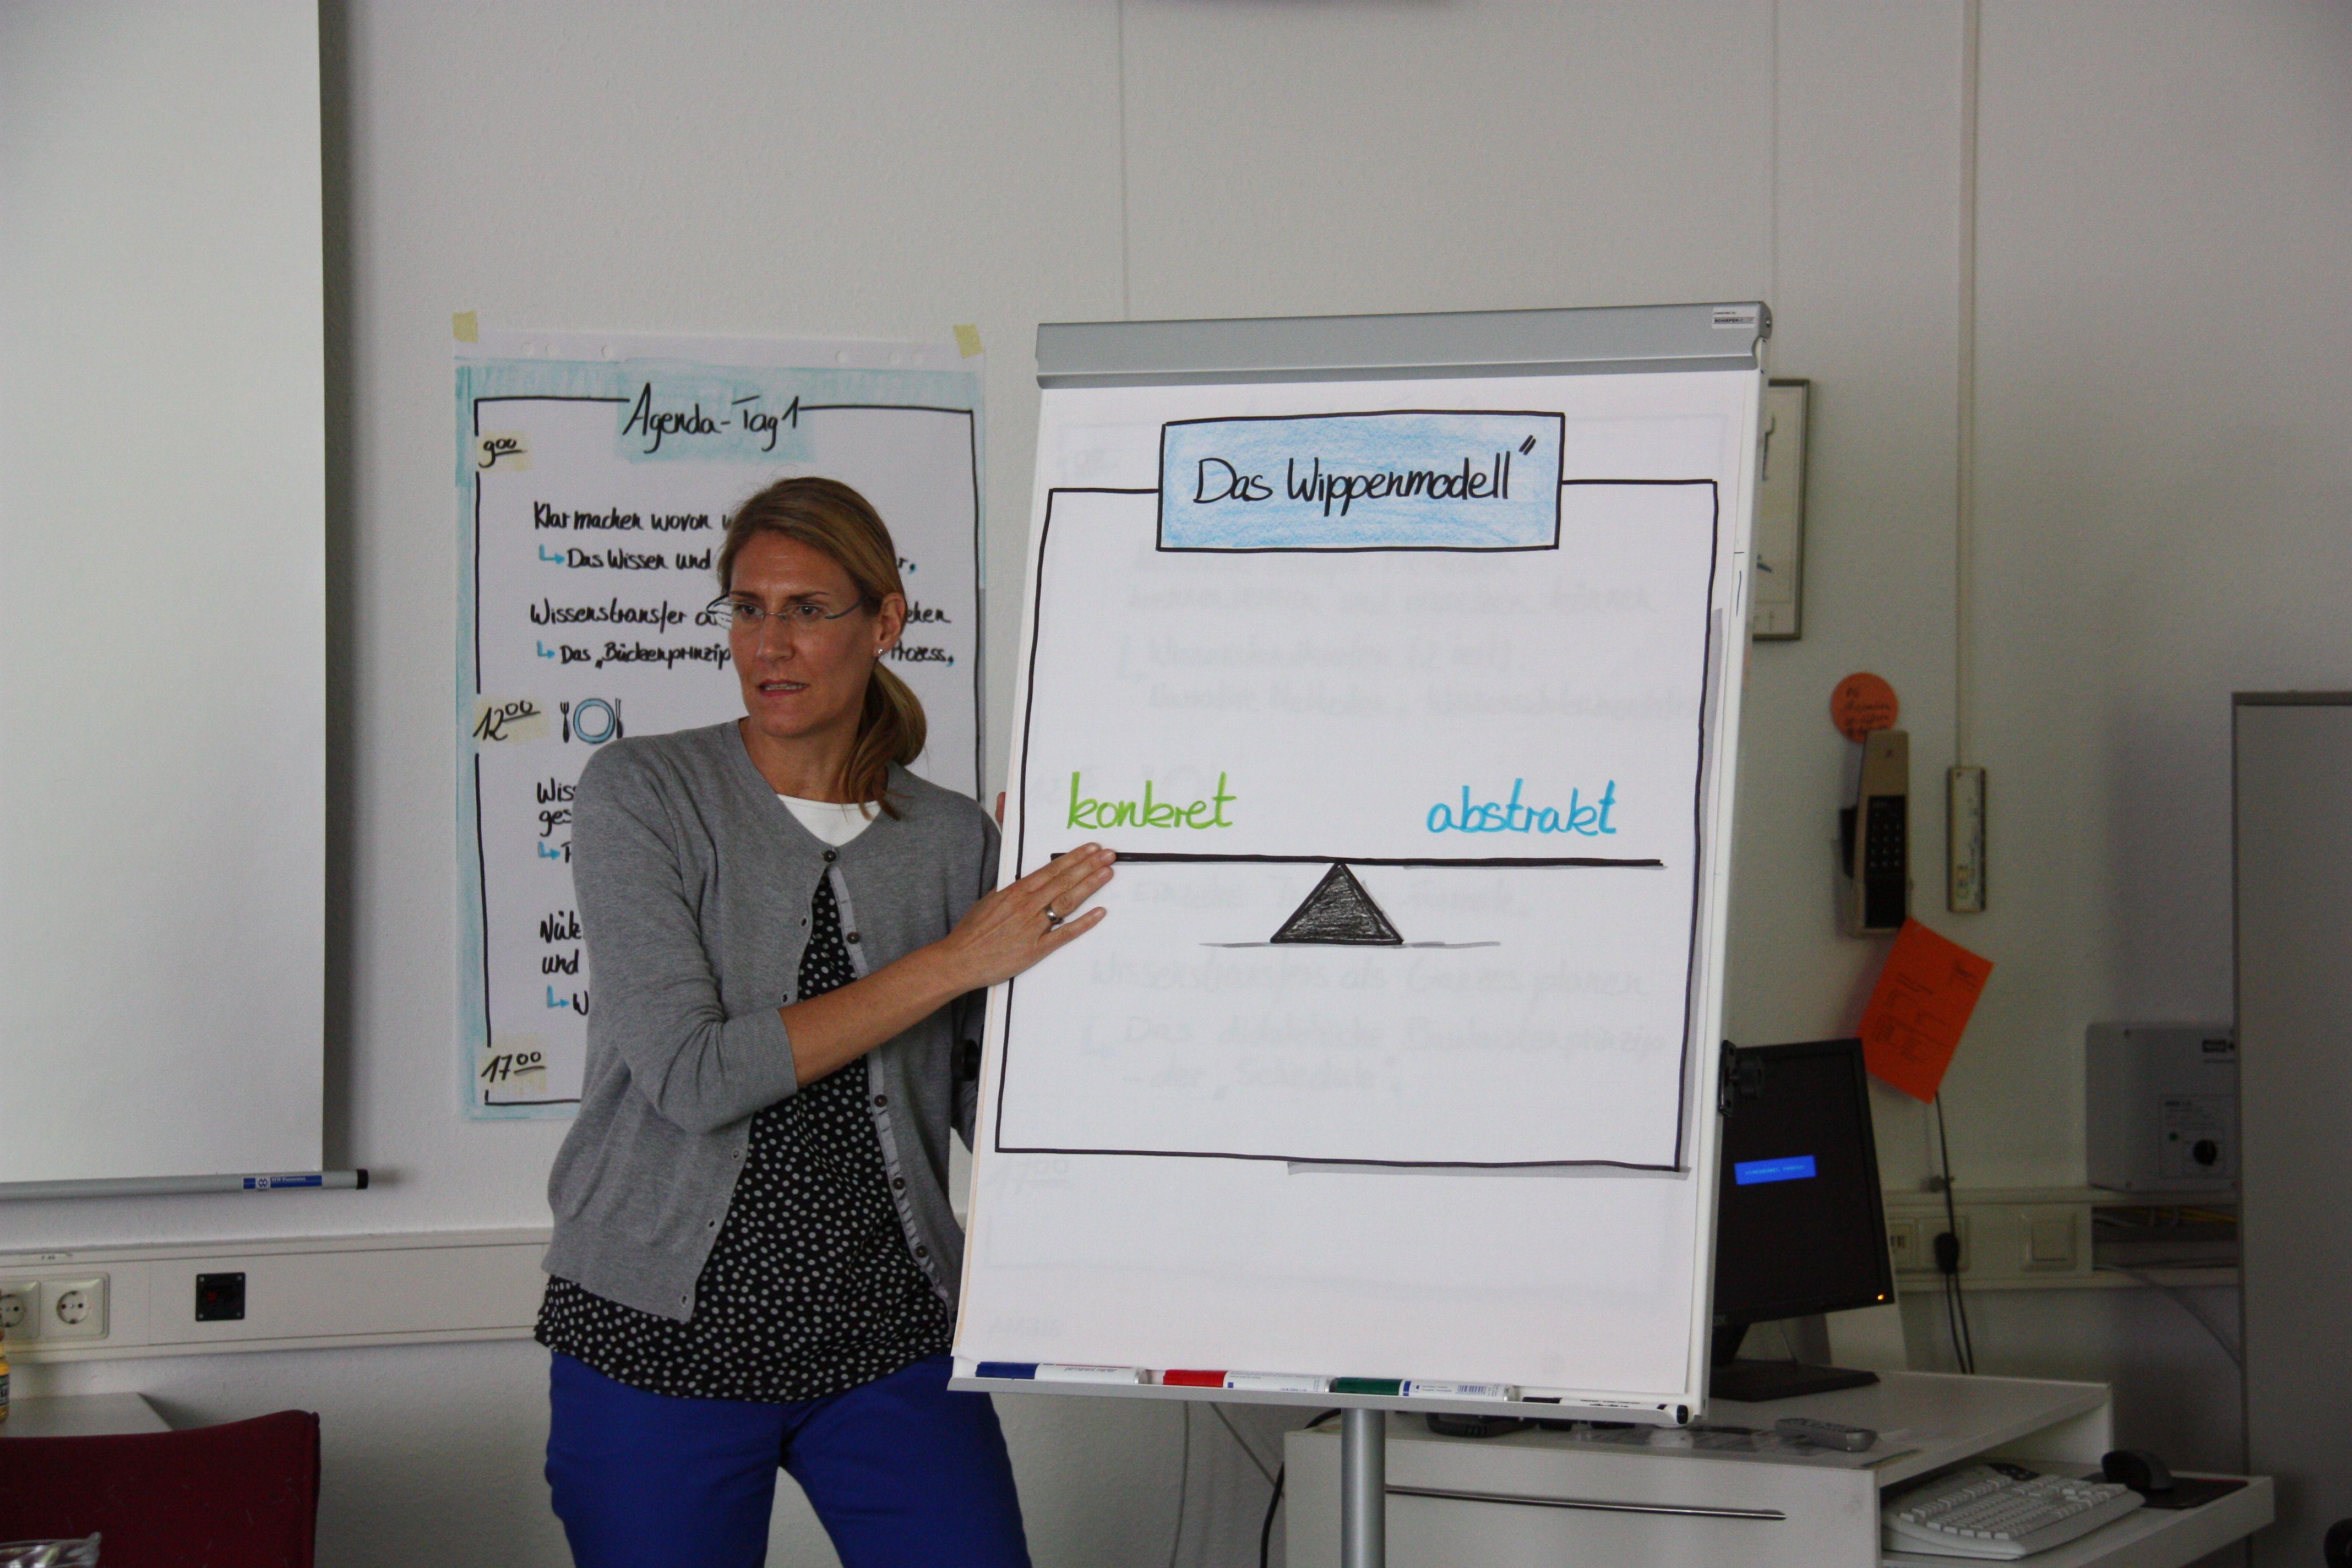 Das Wippenmodell zur Wissensdokumentation -